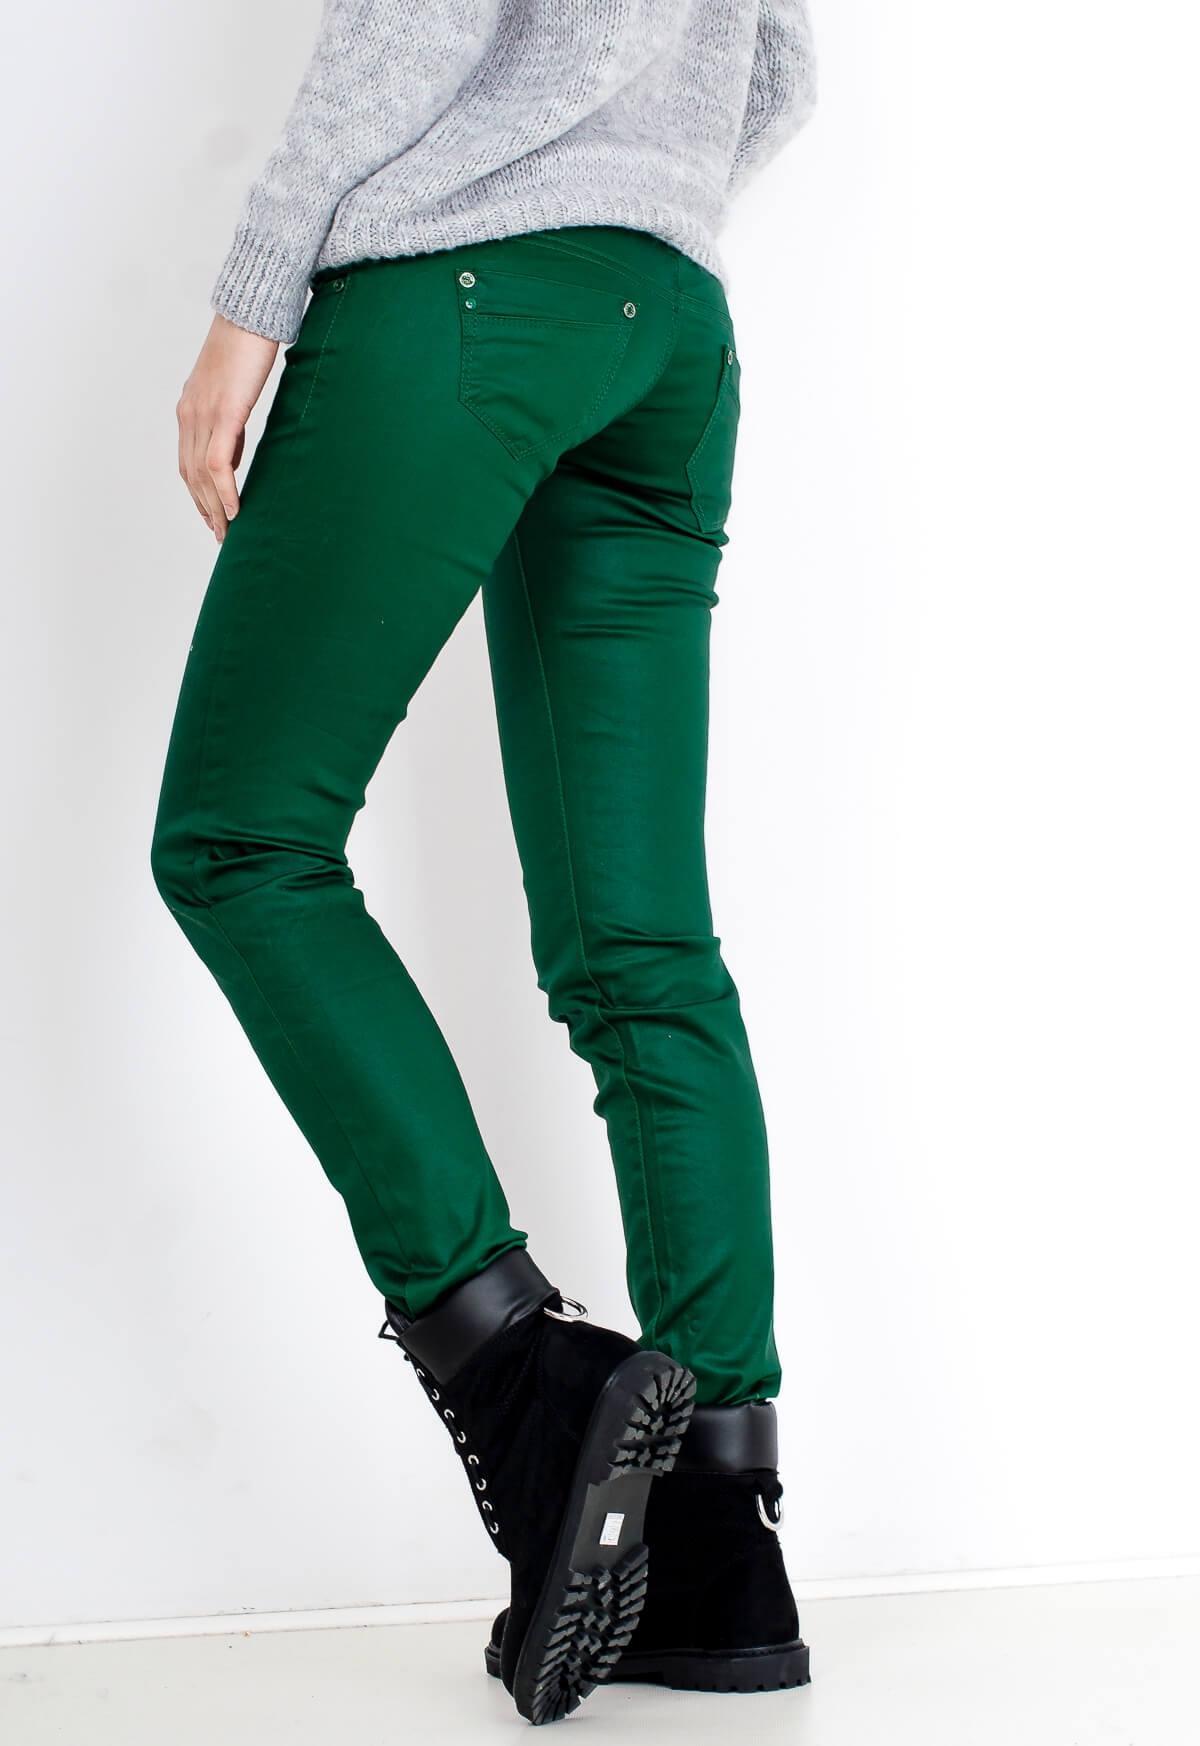 850a01724469 Štýlové dámske zelené nohavice - ROUZIT.SK